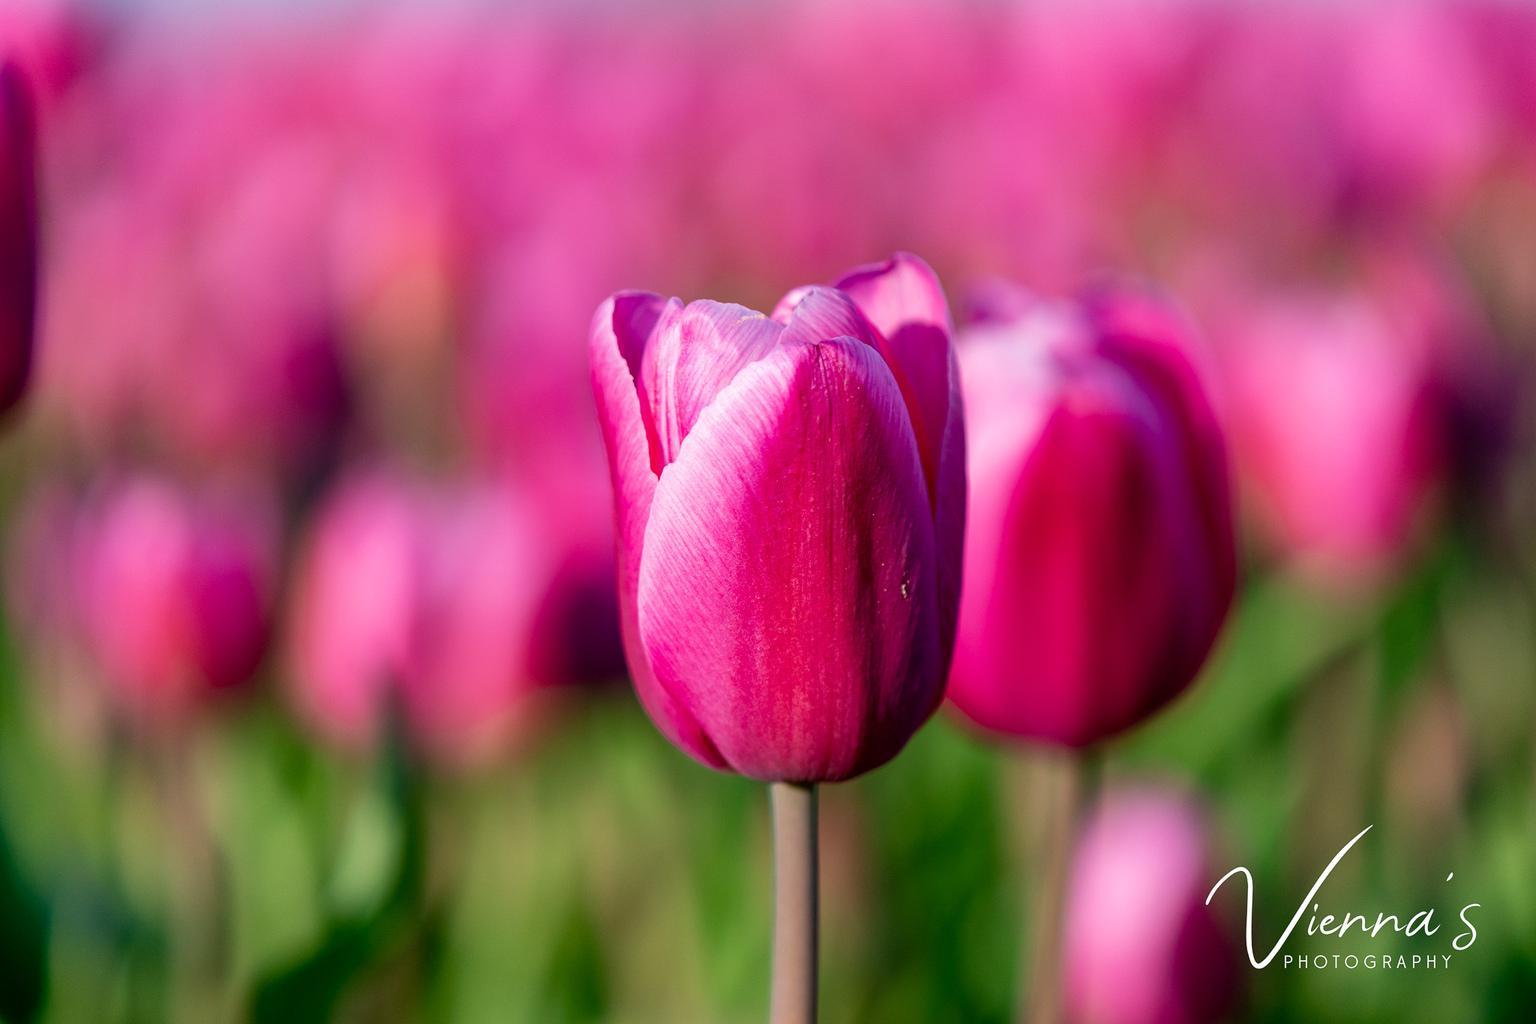 Tulpenveld - Tijdens een mooie zonsopkomst kwamen we een mooie tulpenveld tegen en moest ik deze foto maken. - foto door Vienna op 10-04-2021 - locatie: 3247 Dirksland, Nederland - deze foto bevat: tulpenveld, tulpen, macro, close-up, macro photography, bloemen, roze, pink, bloem, fabriek, bloemblaadje, purper, plantkunde, natuurlijk landschap, roze, kruidachtige plant, magenta, gras